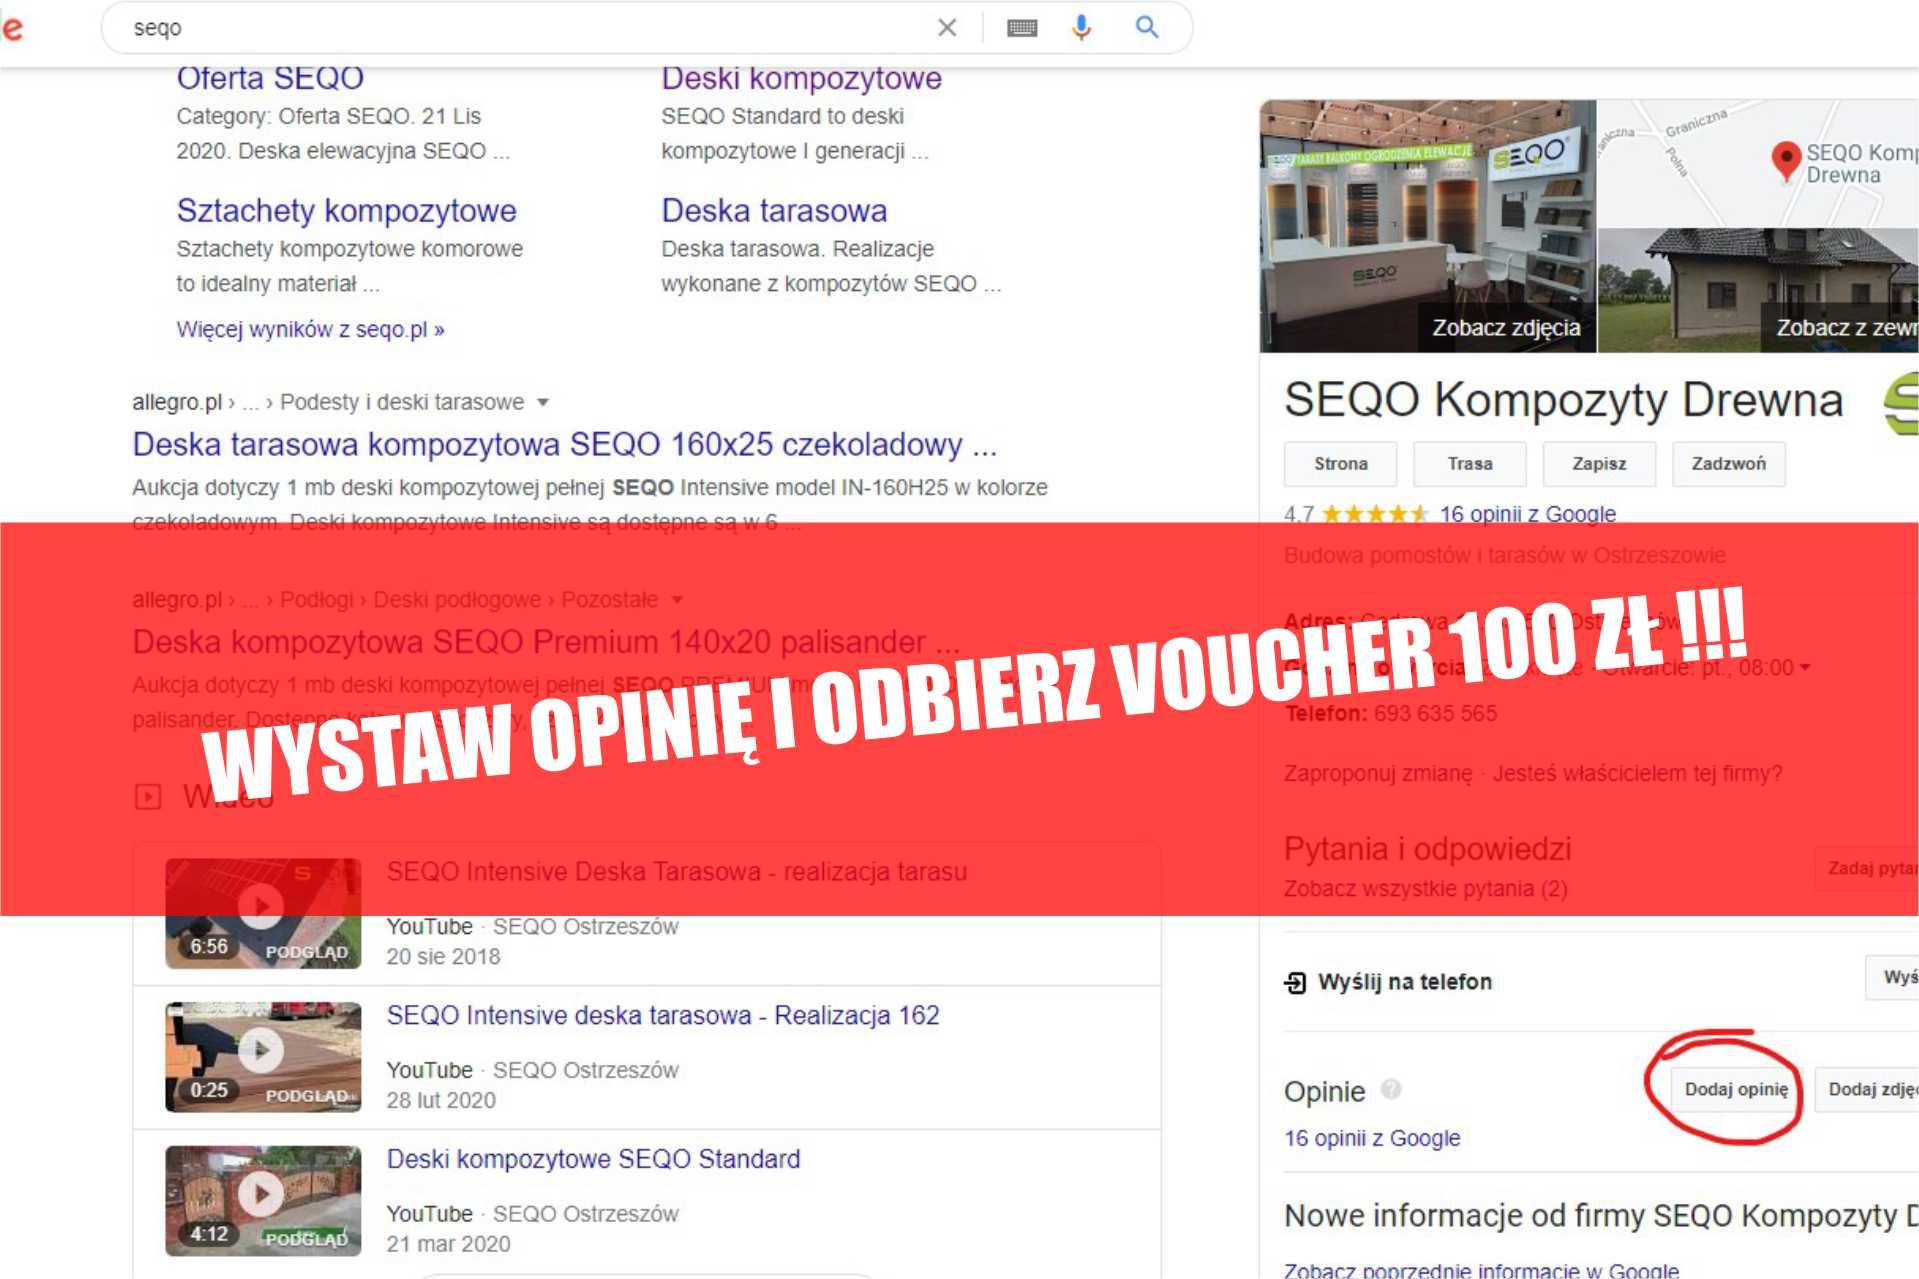 Wystaw opinię i ODBIERZ 100 zł